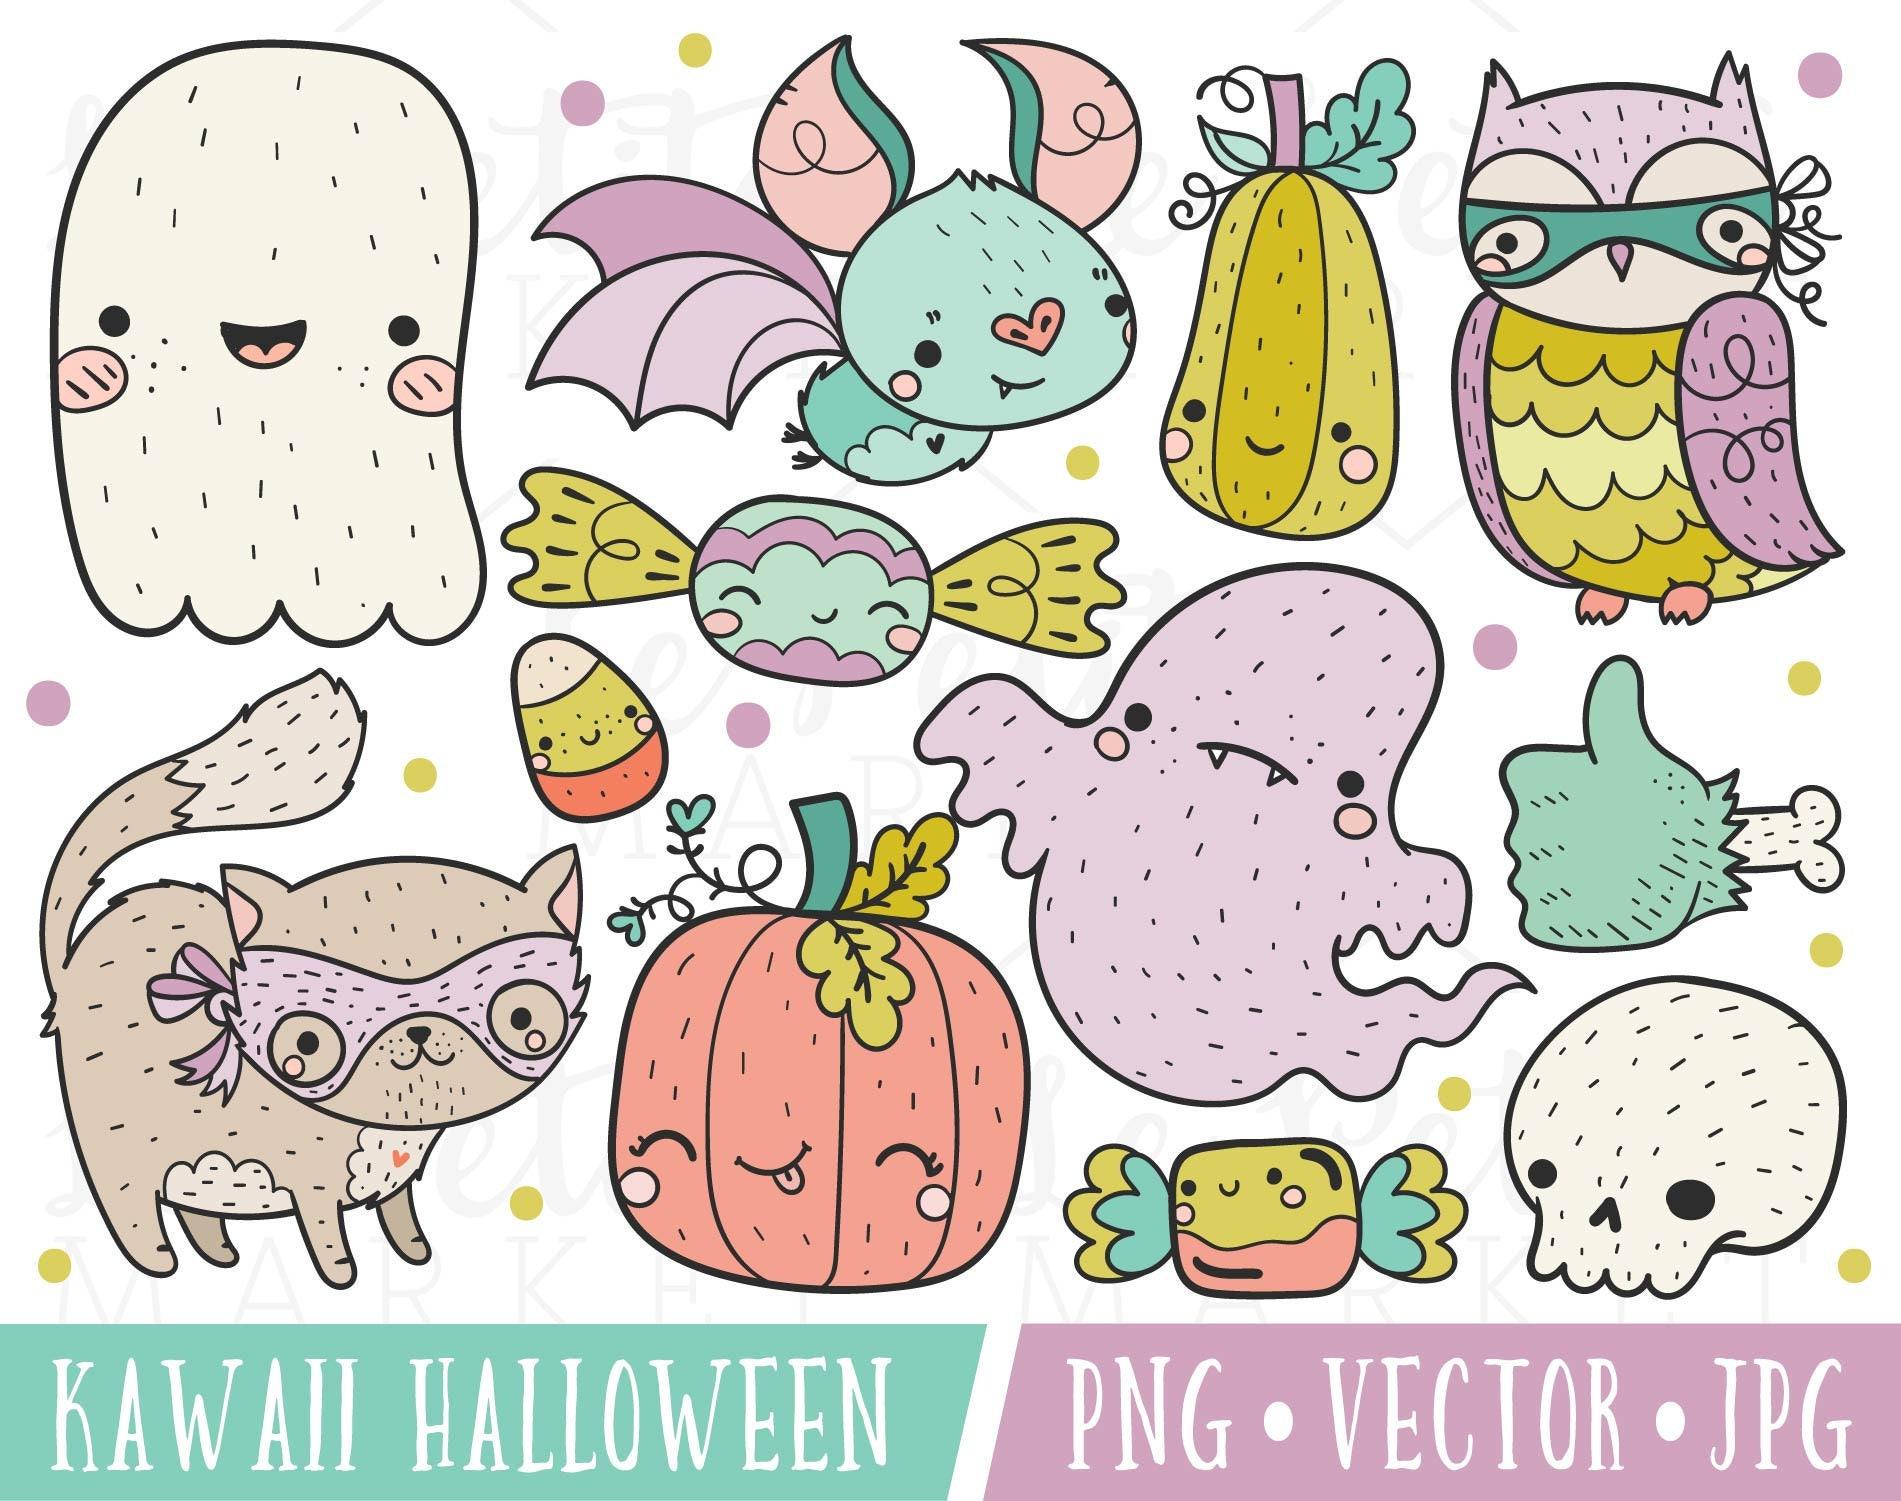 Kawaii Halloween Clipart Images Cute Halloween Clipart (1901 x 1501 Pixel)